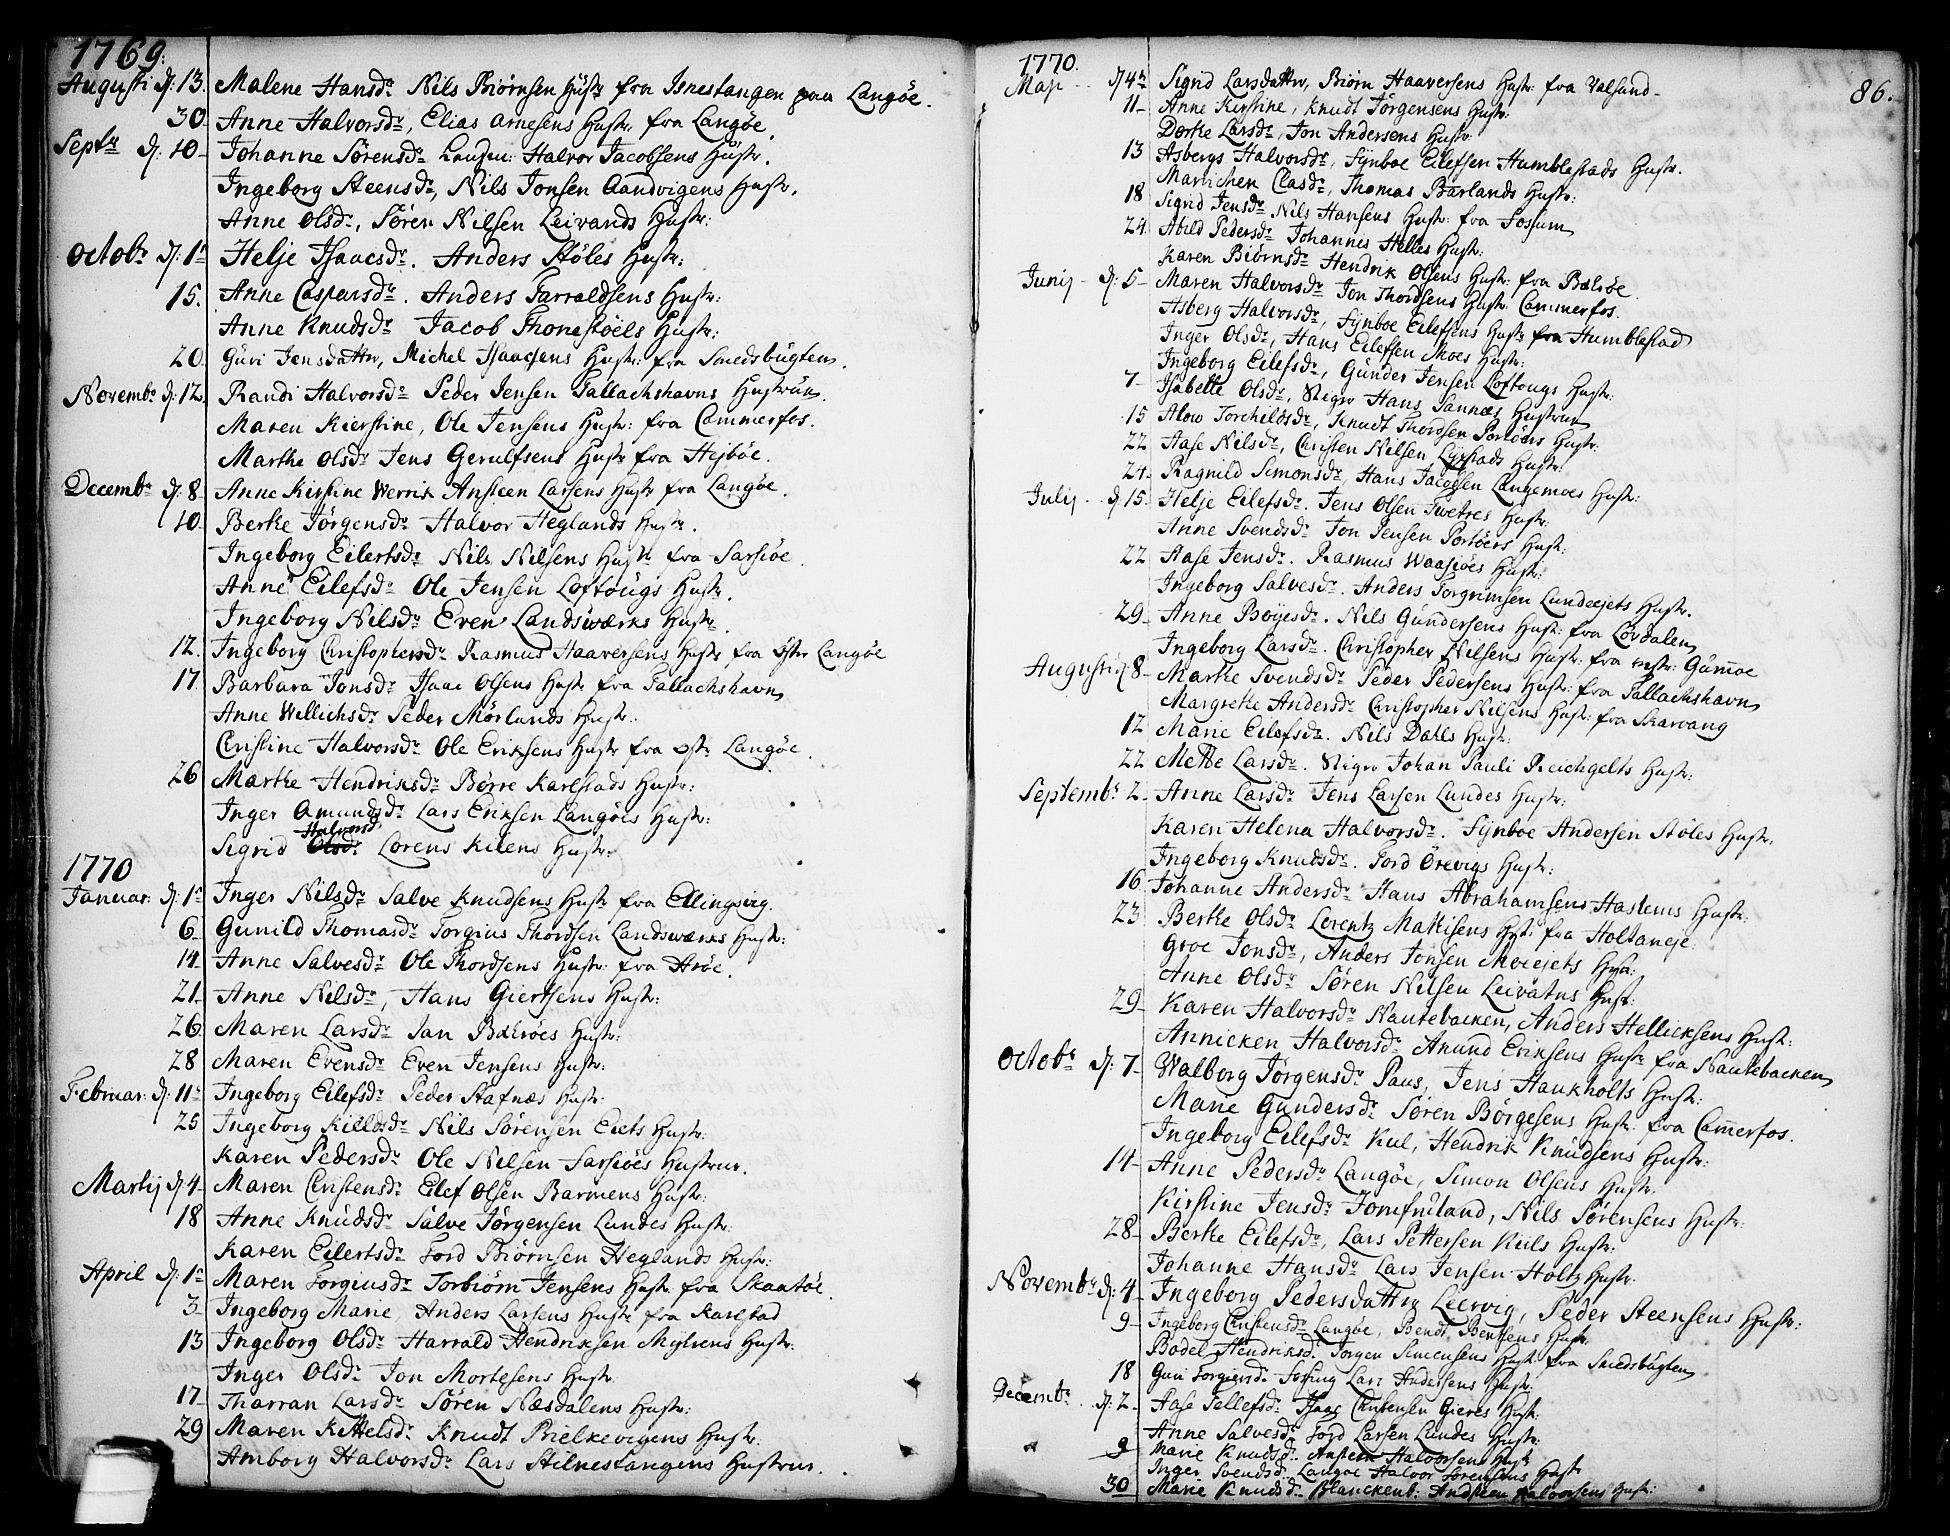 SAKO, Sannidal kirkebøker, F/Fa/L0002: Ministerialbok nr. 2, 1767-1802, s. 86